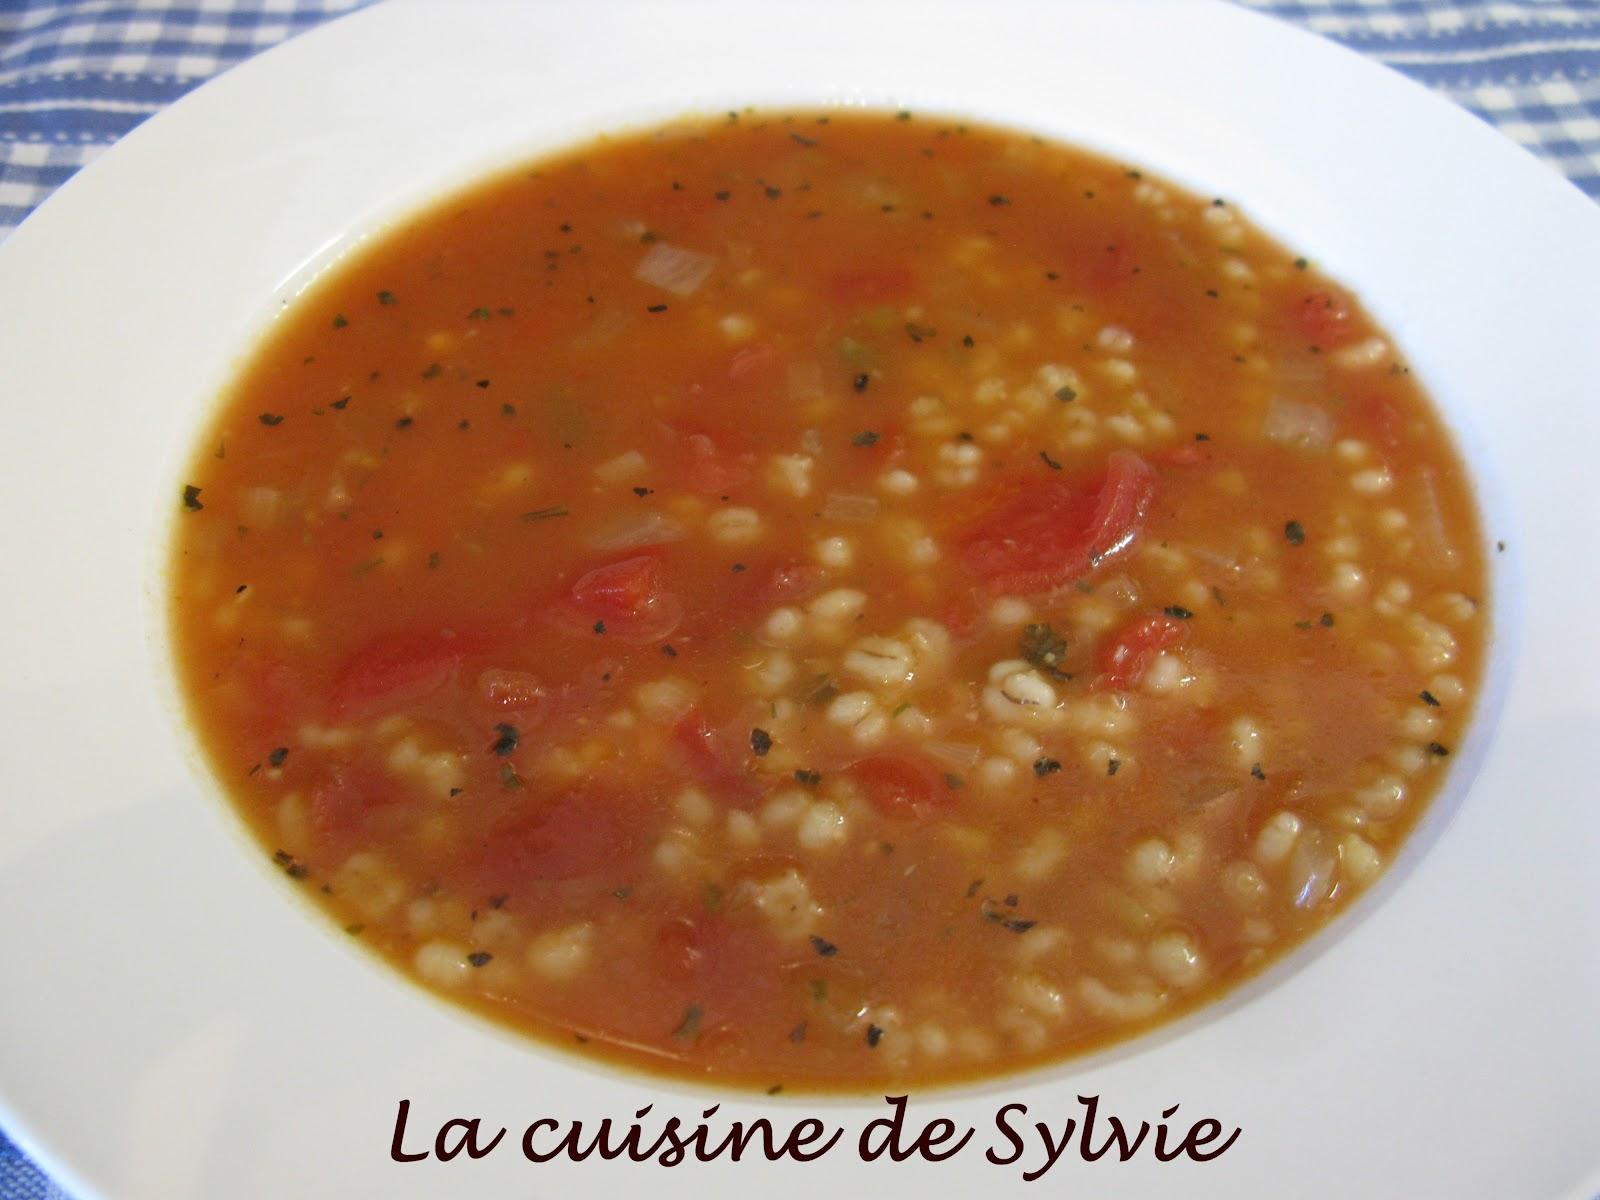 La cuisine de sylvie soupe l 39 orge et tomates - Soupe de tomate maison ...